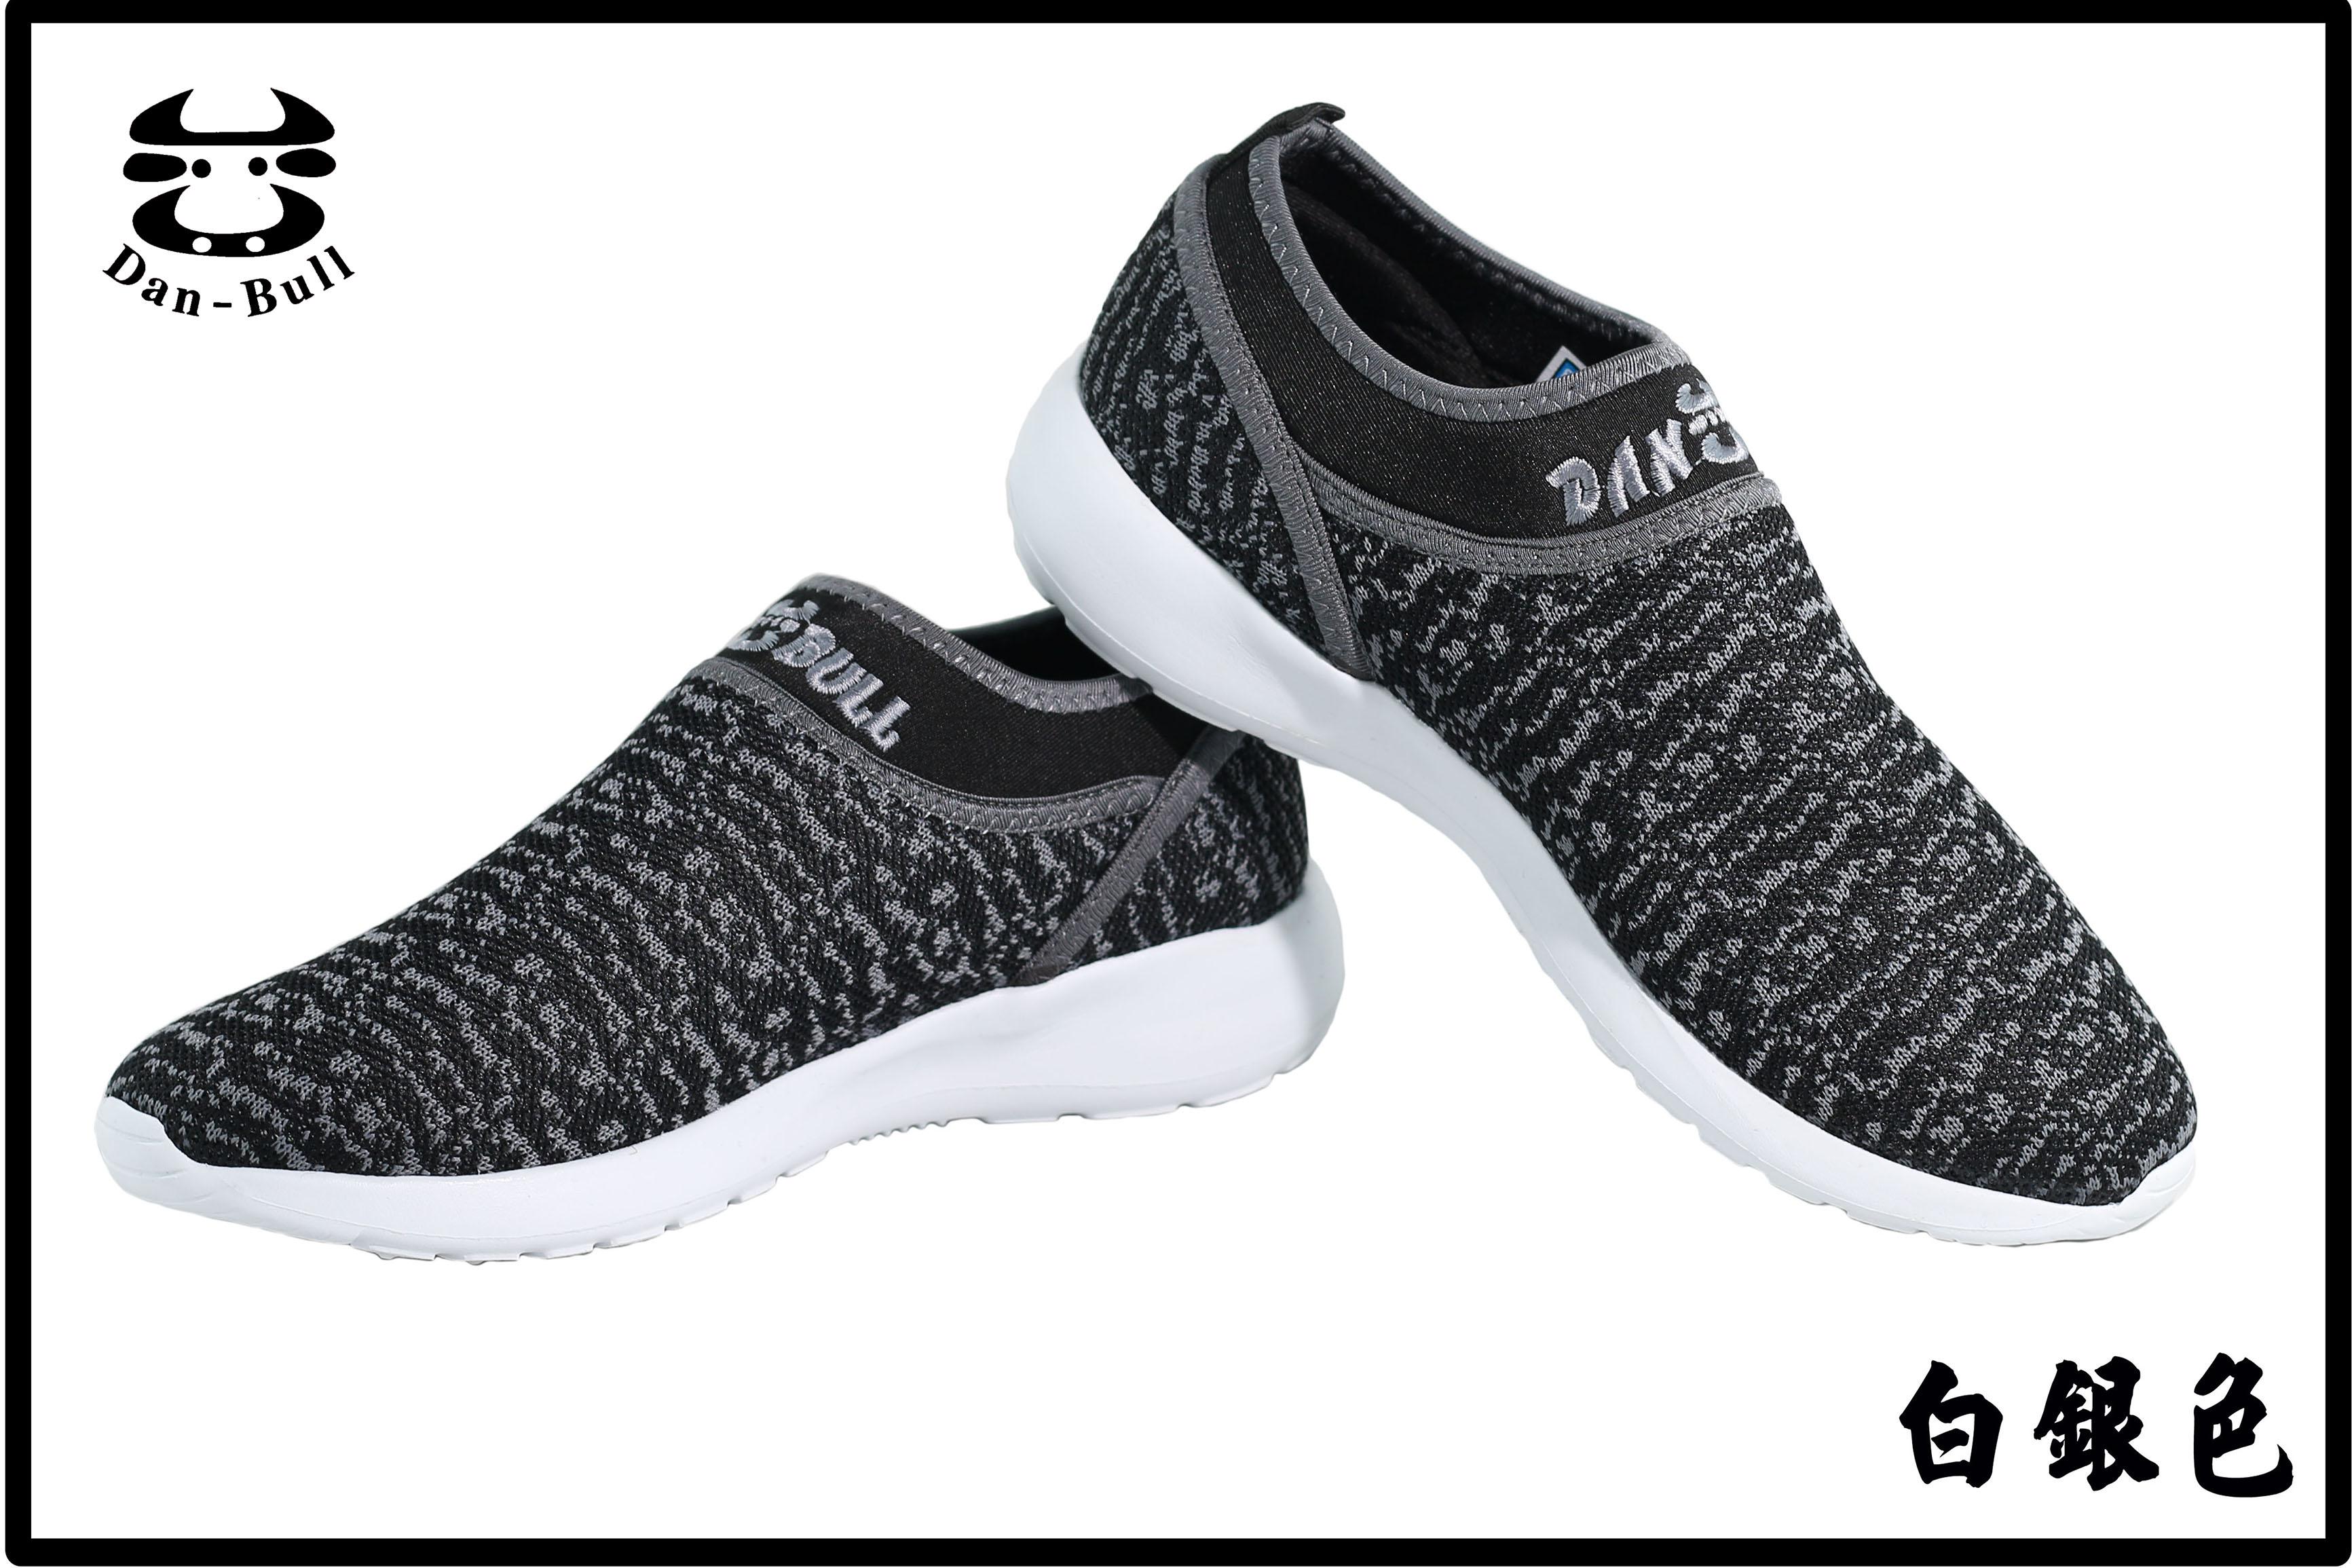 丹布爾輕量健走鞋 - 飛織款白黑銀